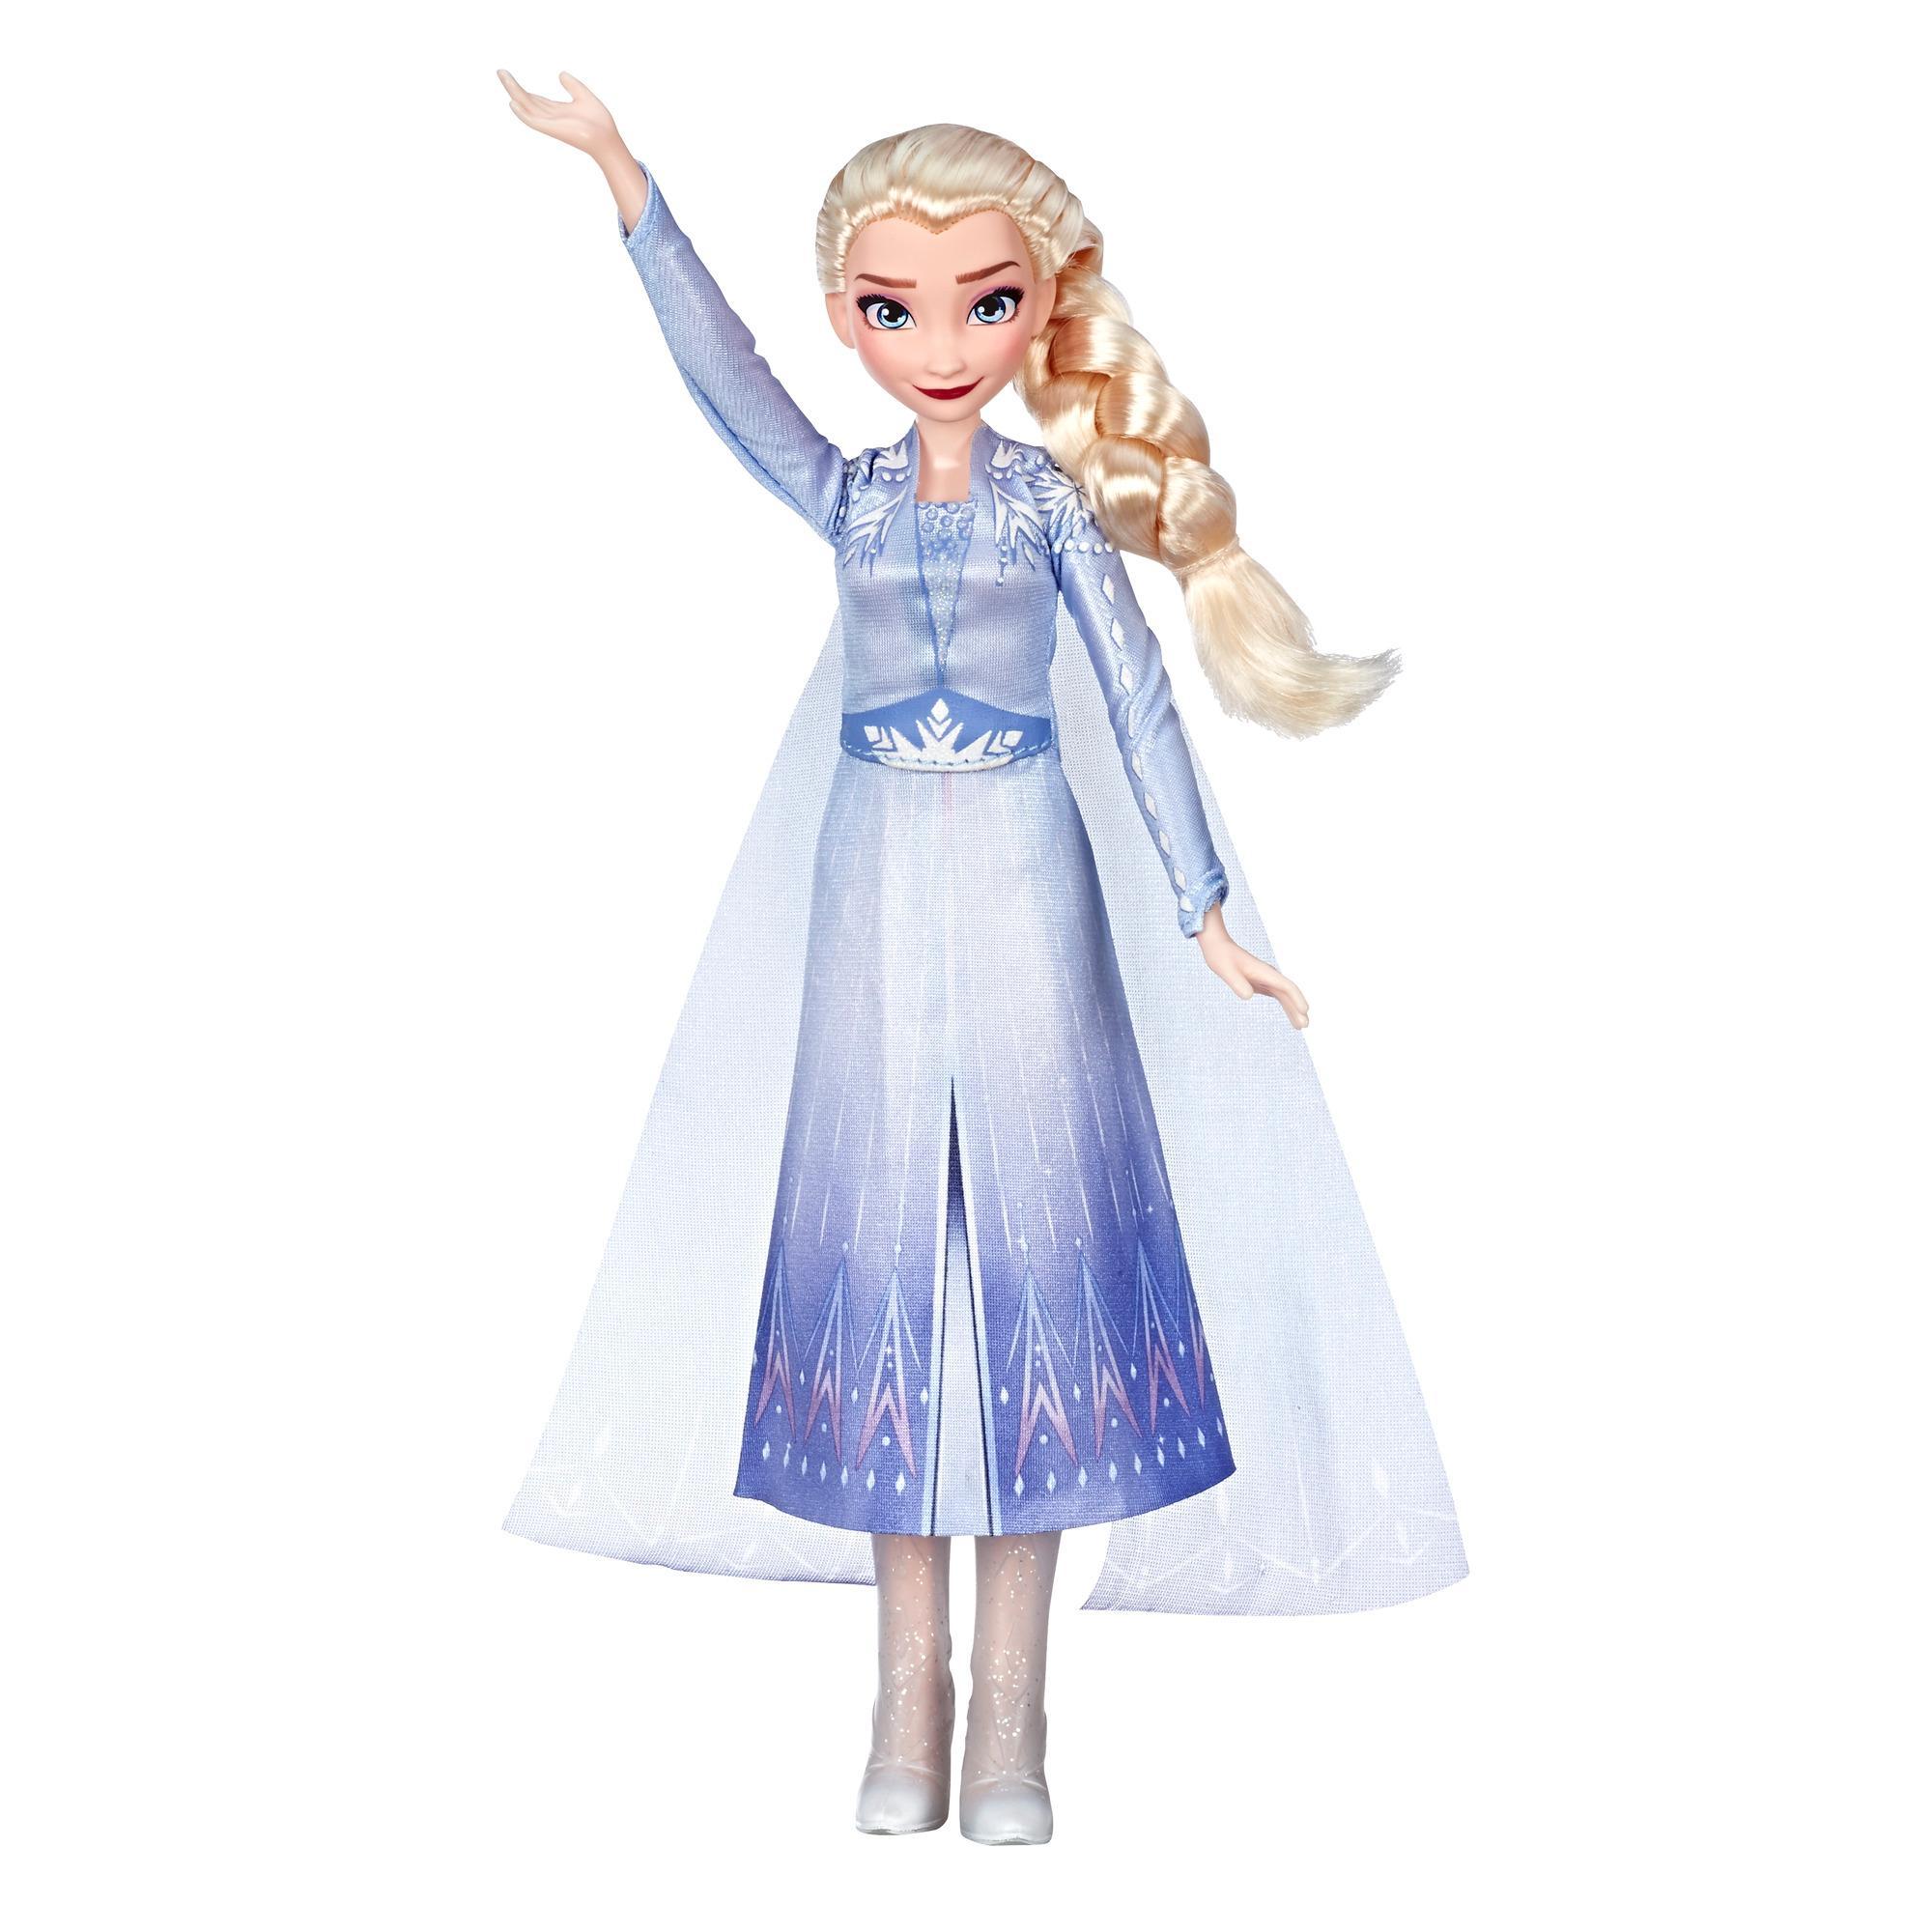 Disney La Reine des neiges 2 - Poupée Elsa chantante, robe bleue inspirée de La Reine des neiges 2 de Disney, jouet pour enfants, à partir de 3 ans